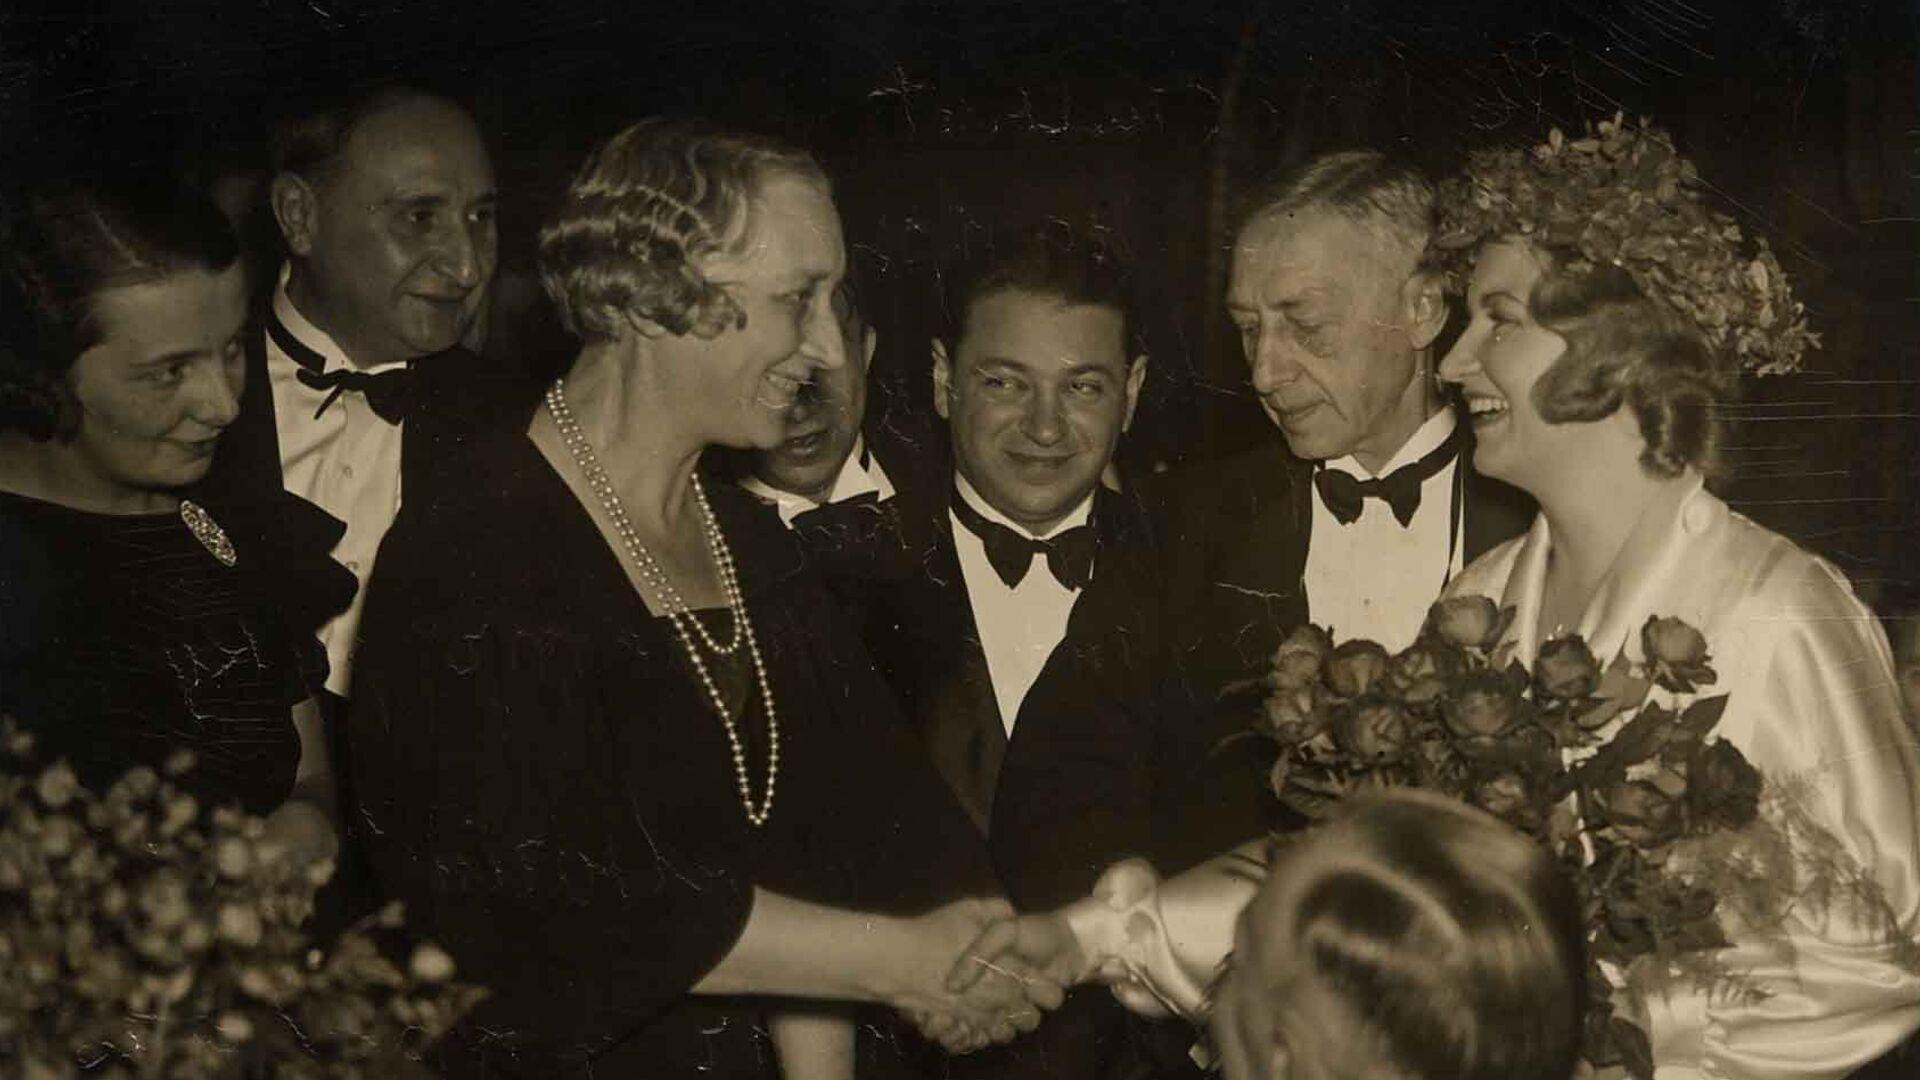 Иван Бунин на церемонии вручения Нобелевской премии, 1933 год  - РИА Новости, 1920, 10.10.2020